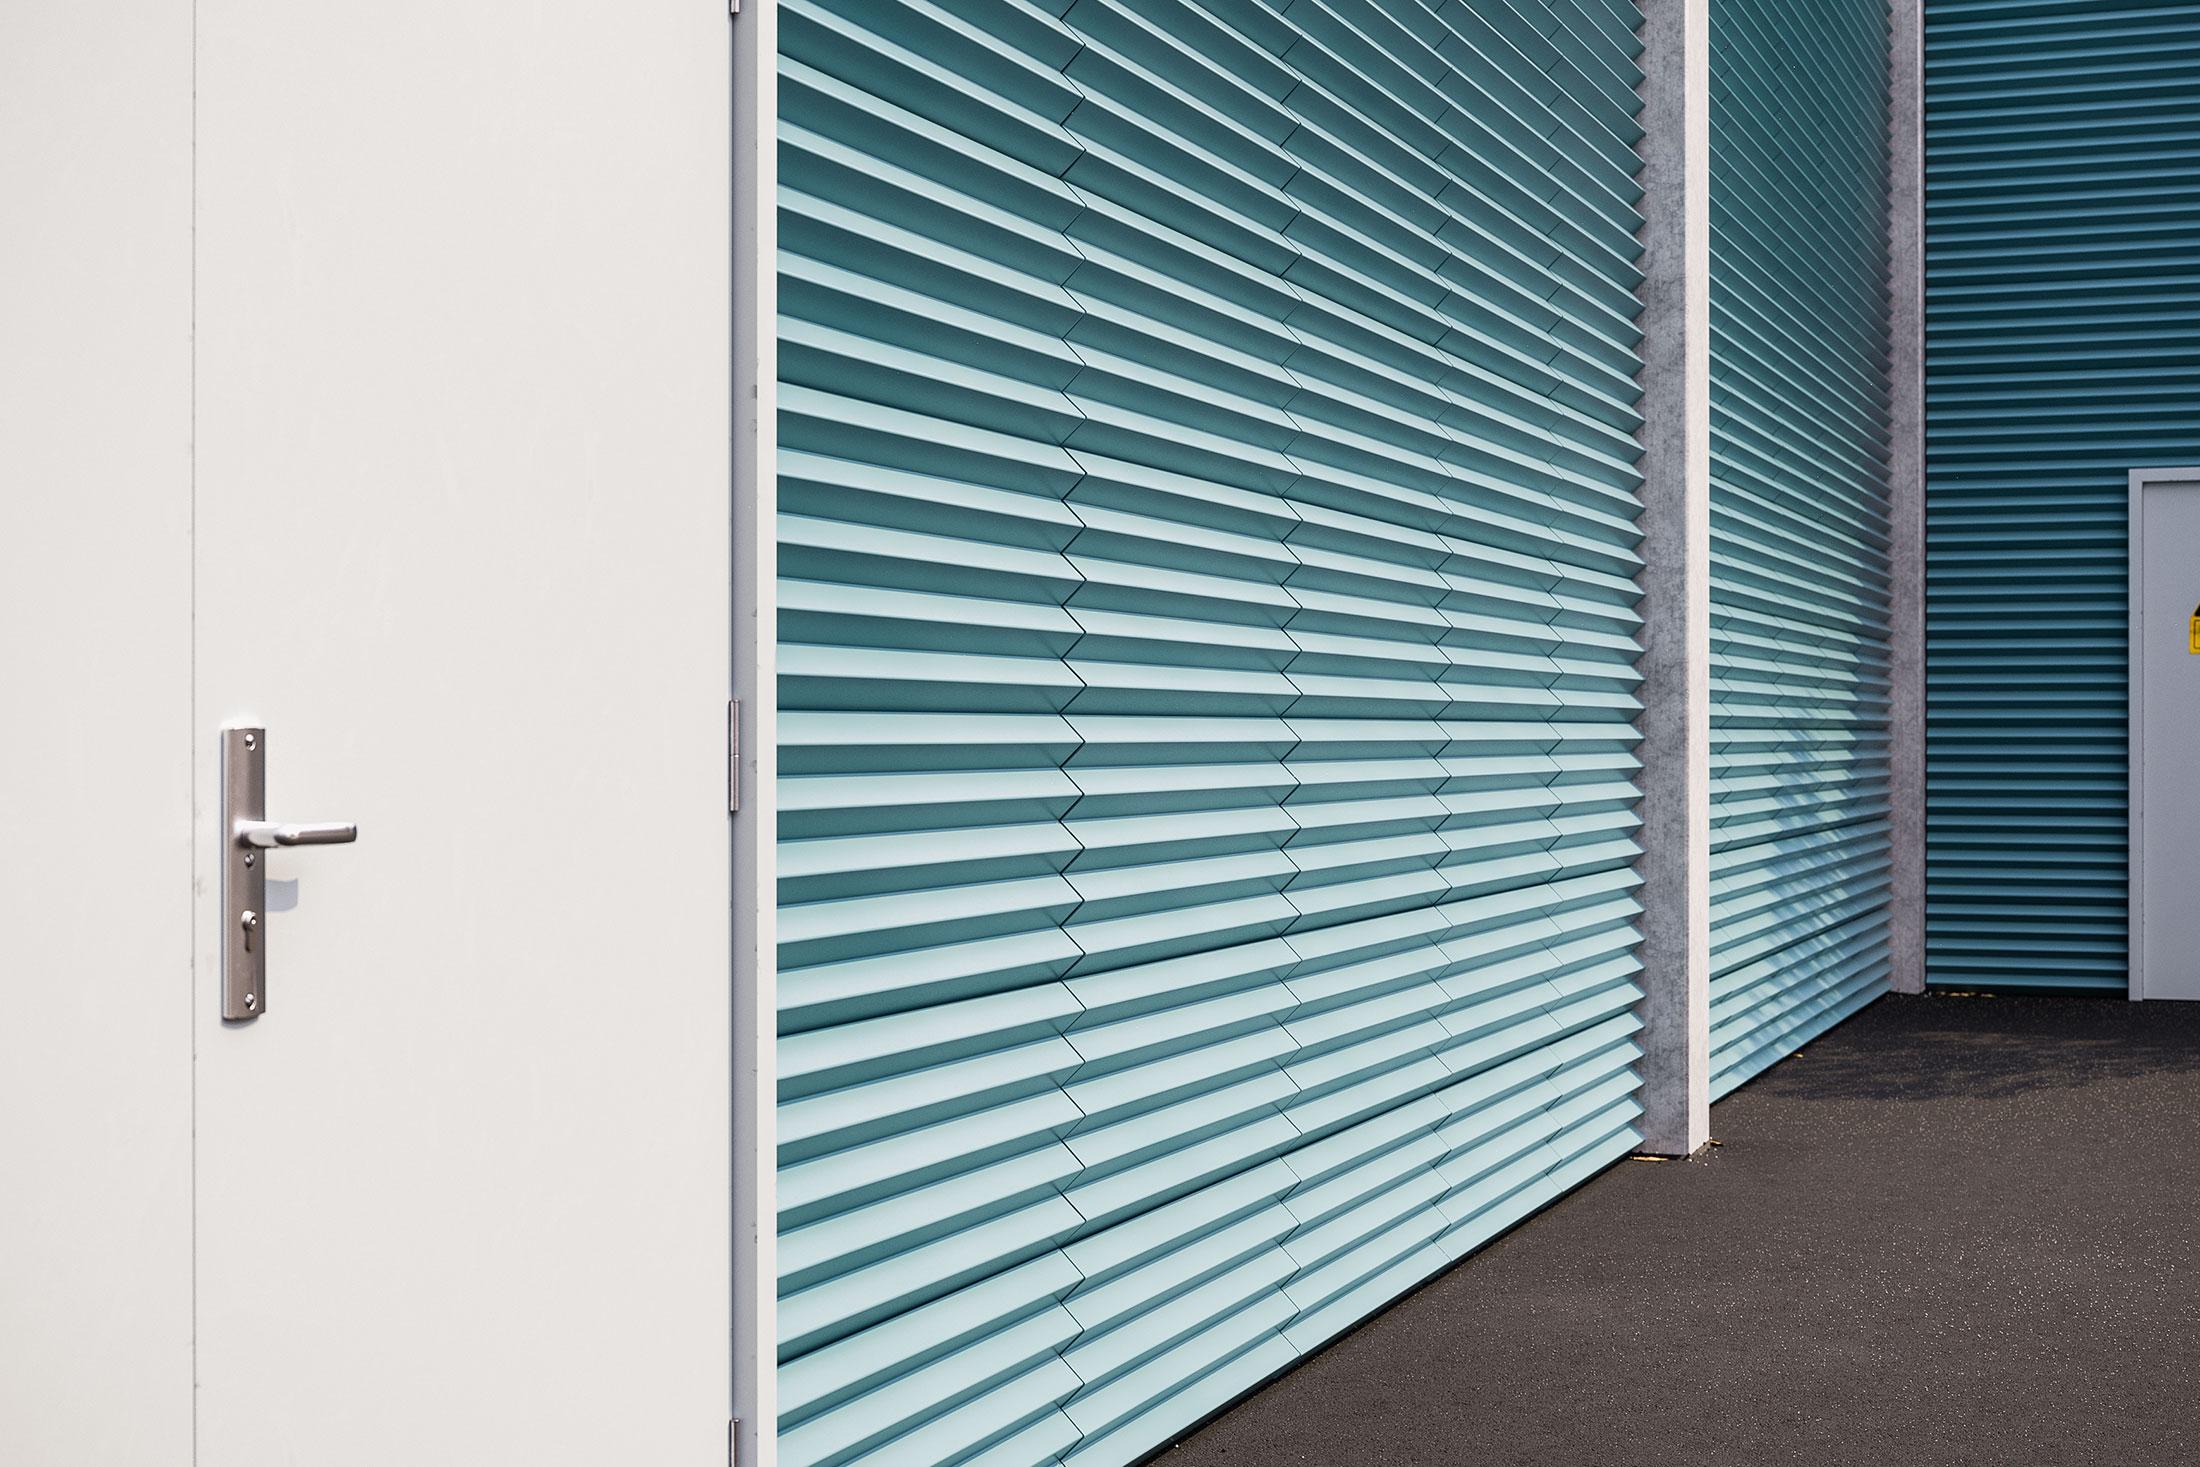 3D Visualisierung Stefan Eder Fassadenenblech Beton - Oberösterreich Österreich Produkt Rendering